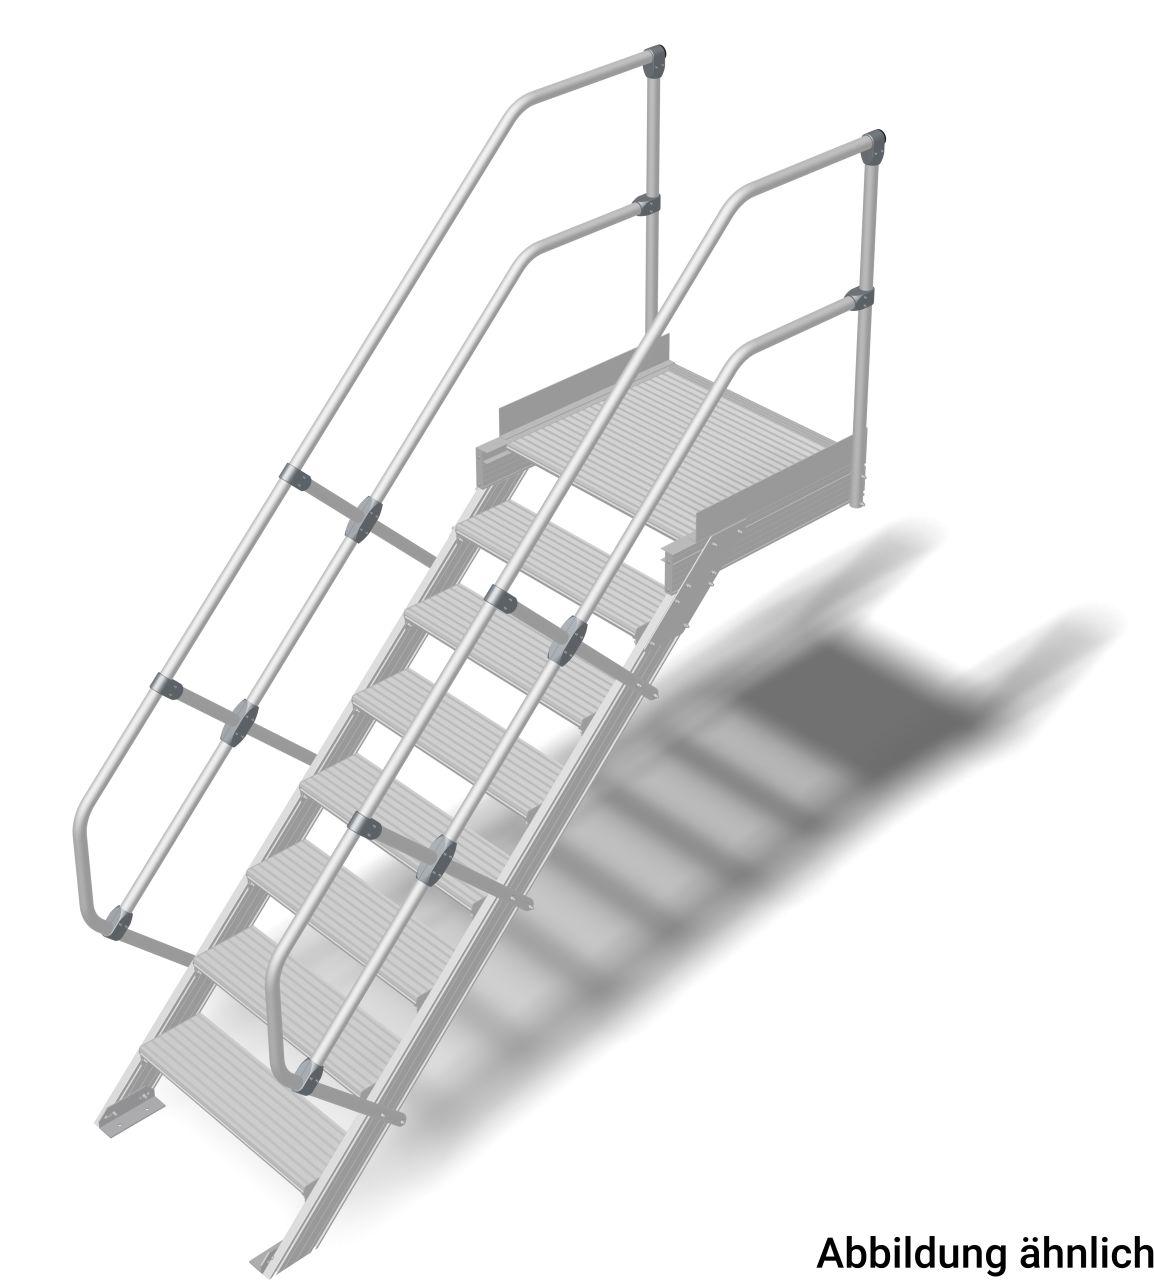 Трап с платформой алюминиевый. Наклон 45°. Ширина ступеней 800 мм. Прочный алюминиевый трап, обеспечивающий безопасный доступ к дверям, площадкам и т. д. в соответствии с DIN EN ISO 14122.